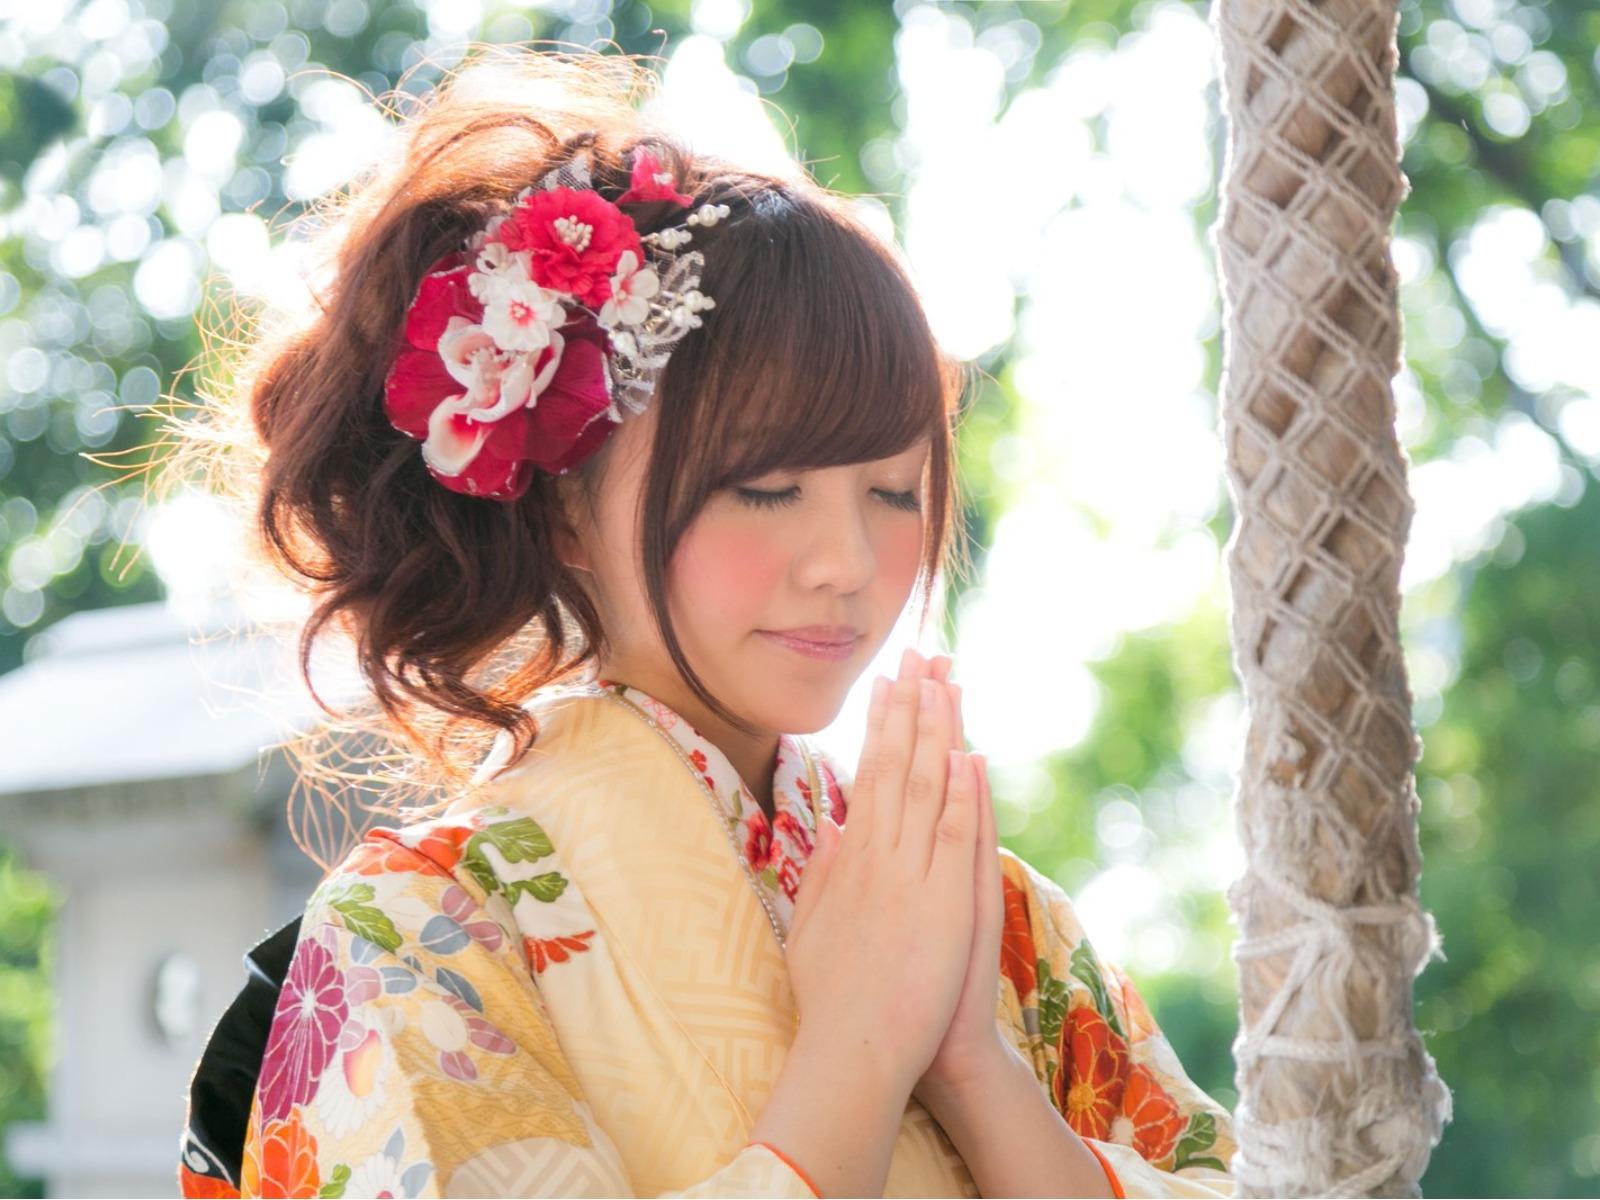 高崎神社の初詣帰りに群馬高崎で当たる占い館へ行きませんか